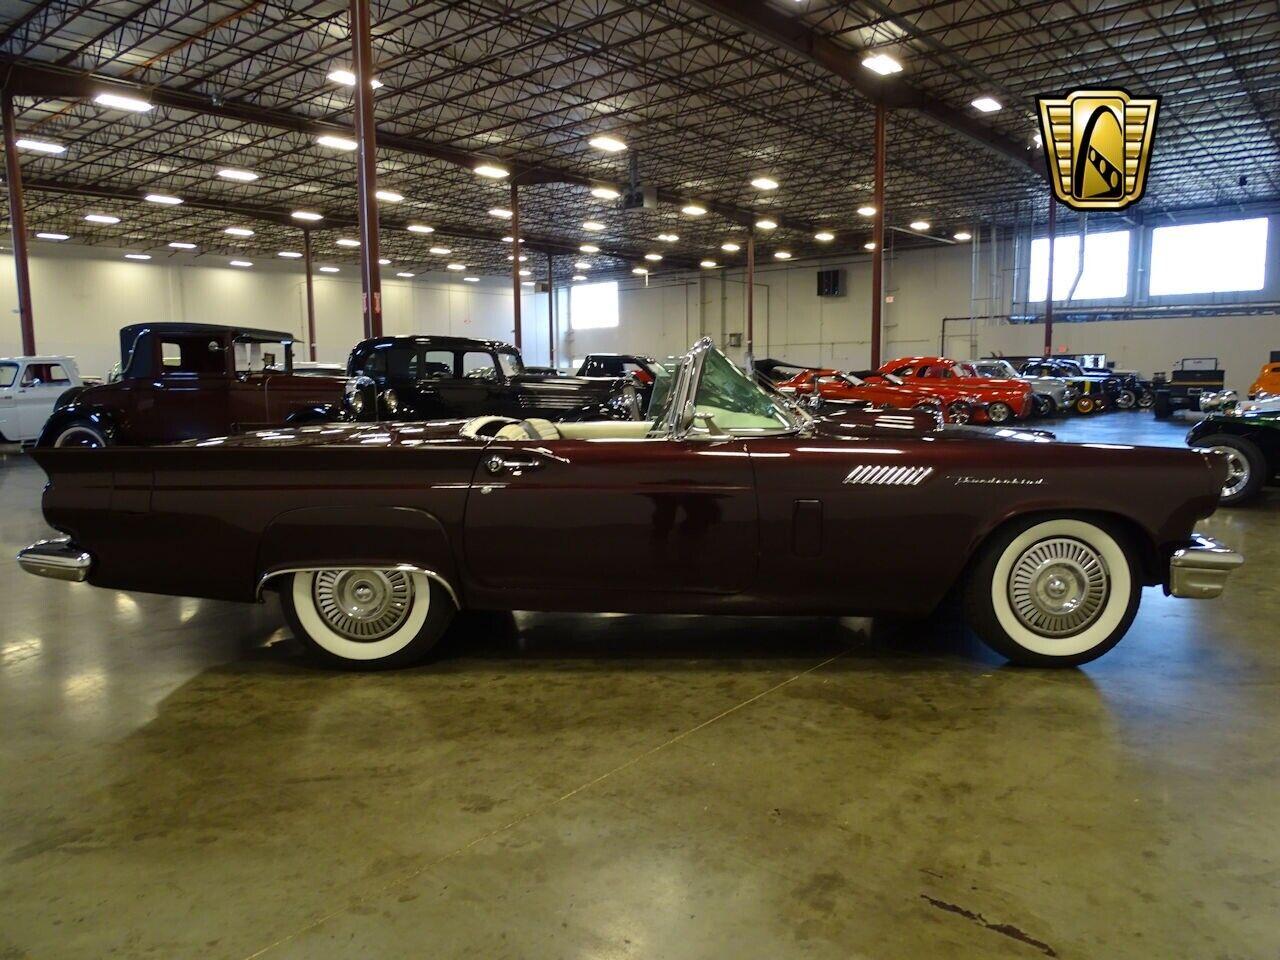 Ford Thunderbird 1957 photo 6